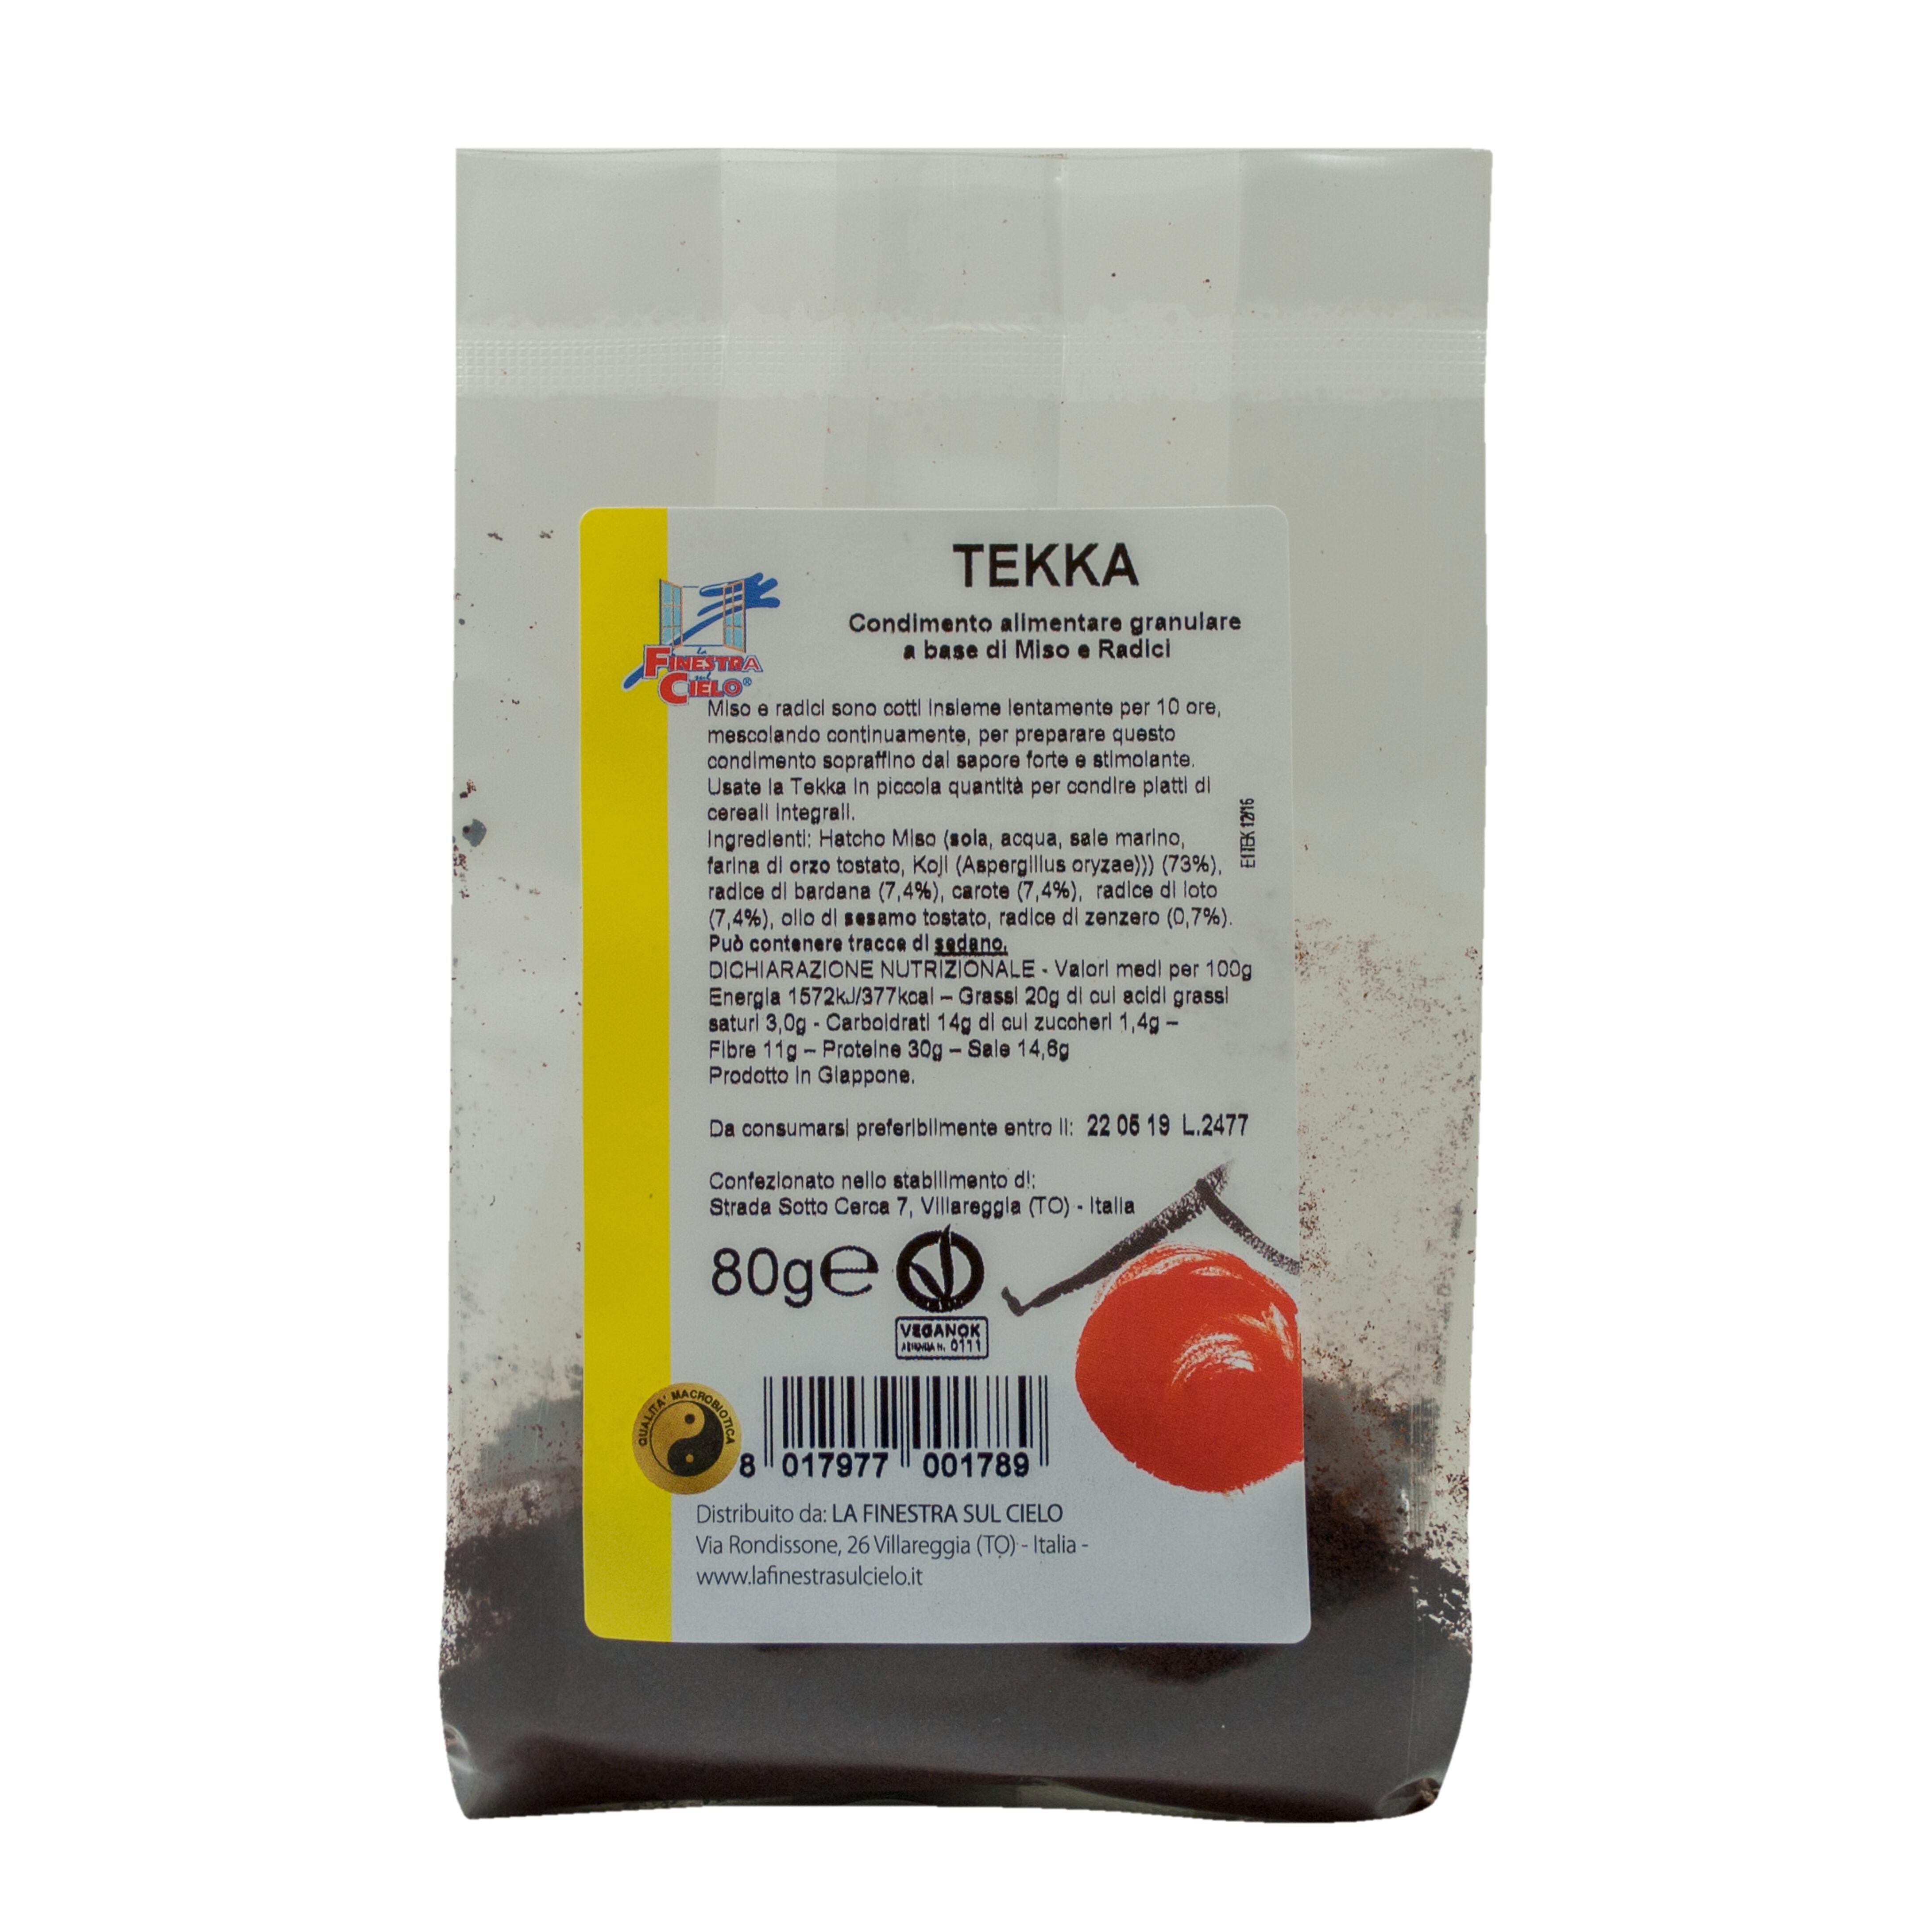 Biotobio Srl Tekka Condimento Miso/radici